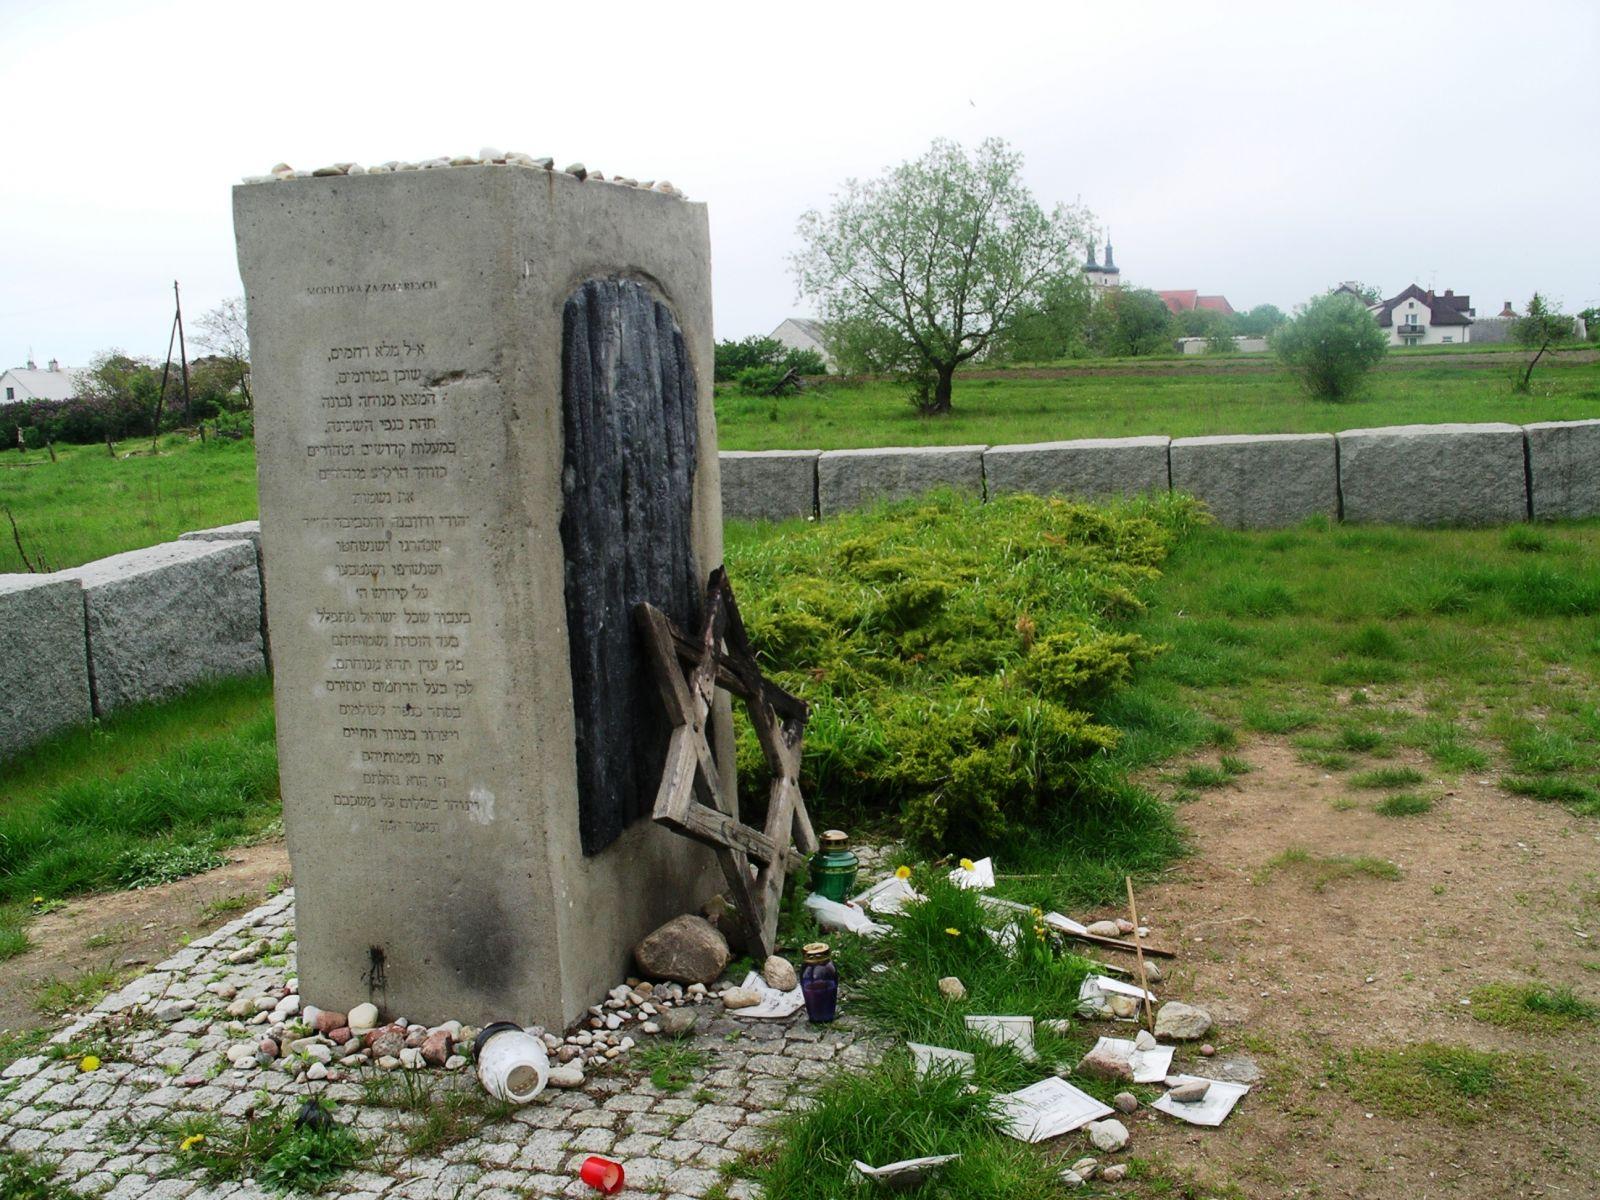 """אנדרטת הזיכרון הישנה בידוובנה, שהוקמה ב-2001, עם היוודע דבר הטבח, במקום שבו עמד האסם. נחרטו עליה בעברית """"קדיש"""" והכיתוב """"לזכר יהודי ידוובנה והסביבה, גברים נשים וטף אשר ישבו איתנו על האדמה הזאת ונרצחו ונשרפו חיים במקום זה ב-10 ביולי 1941"""""""